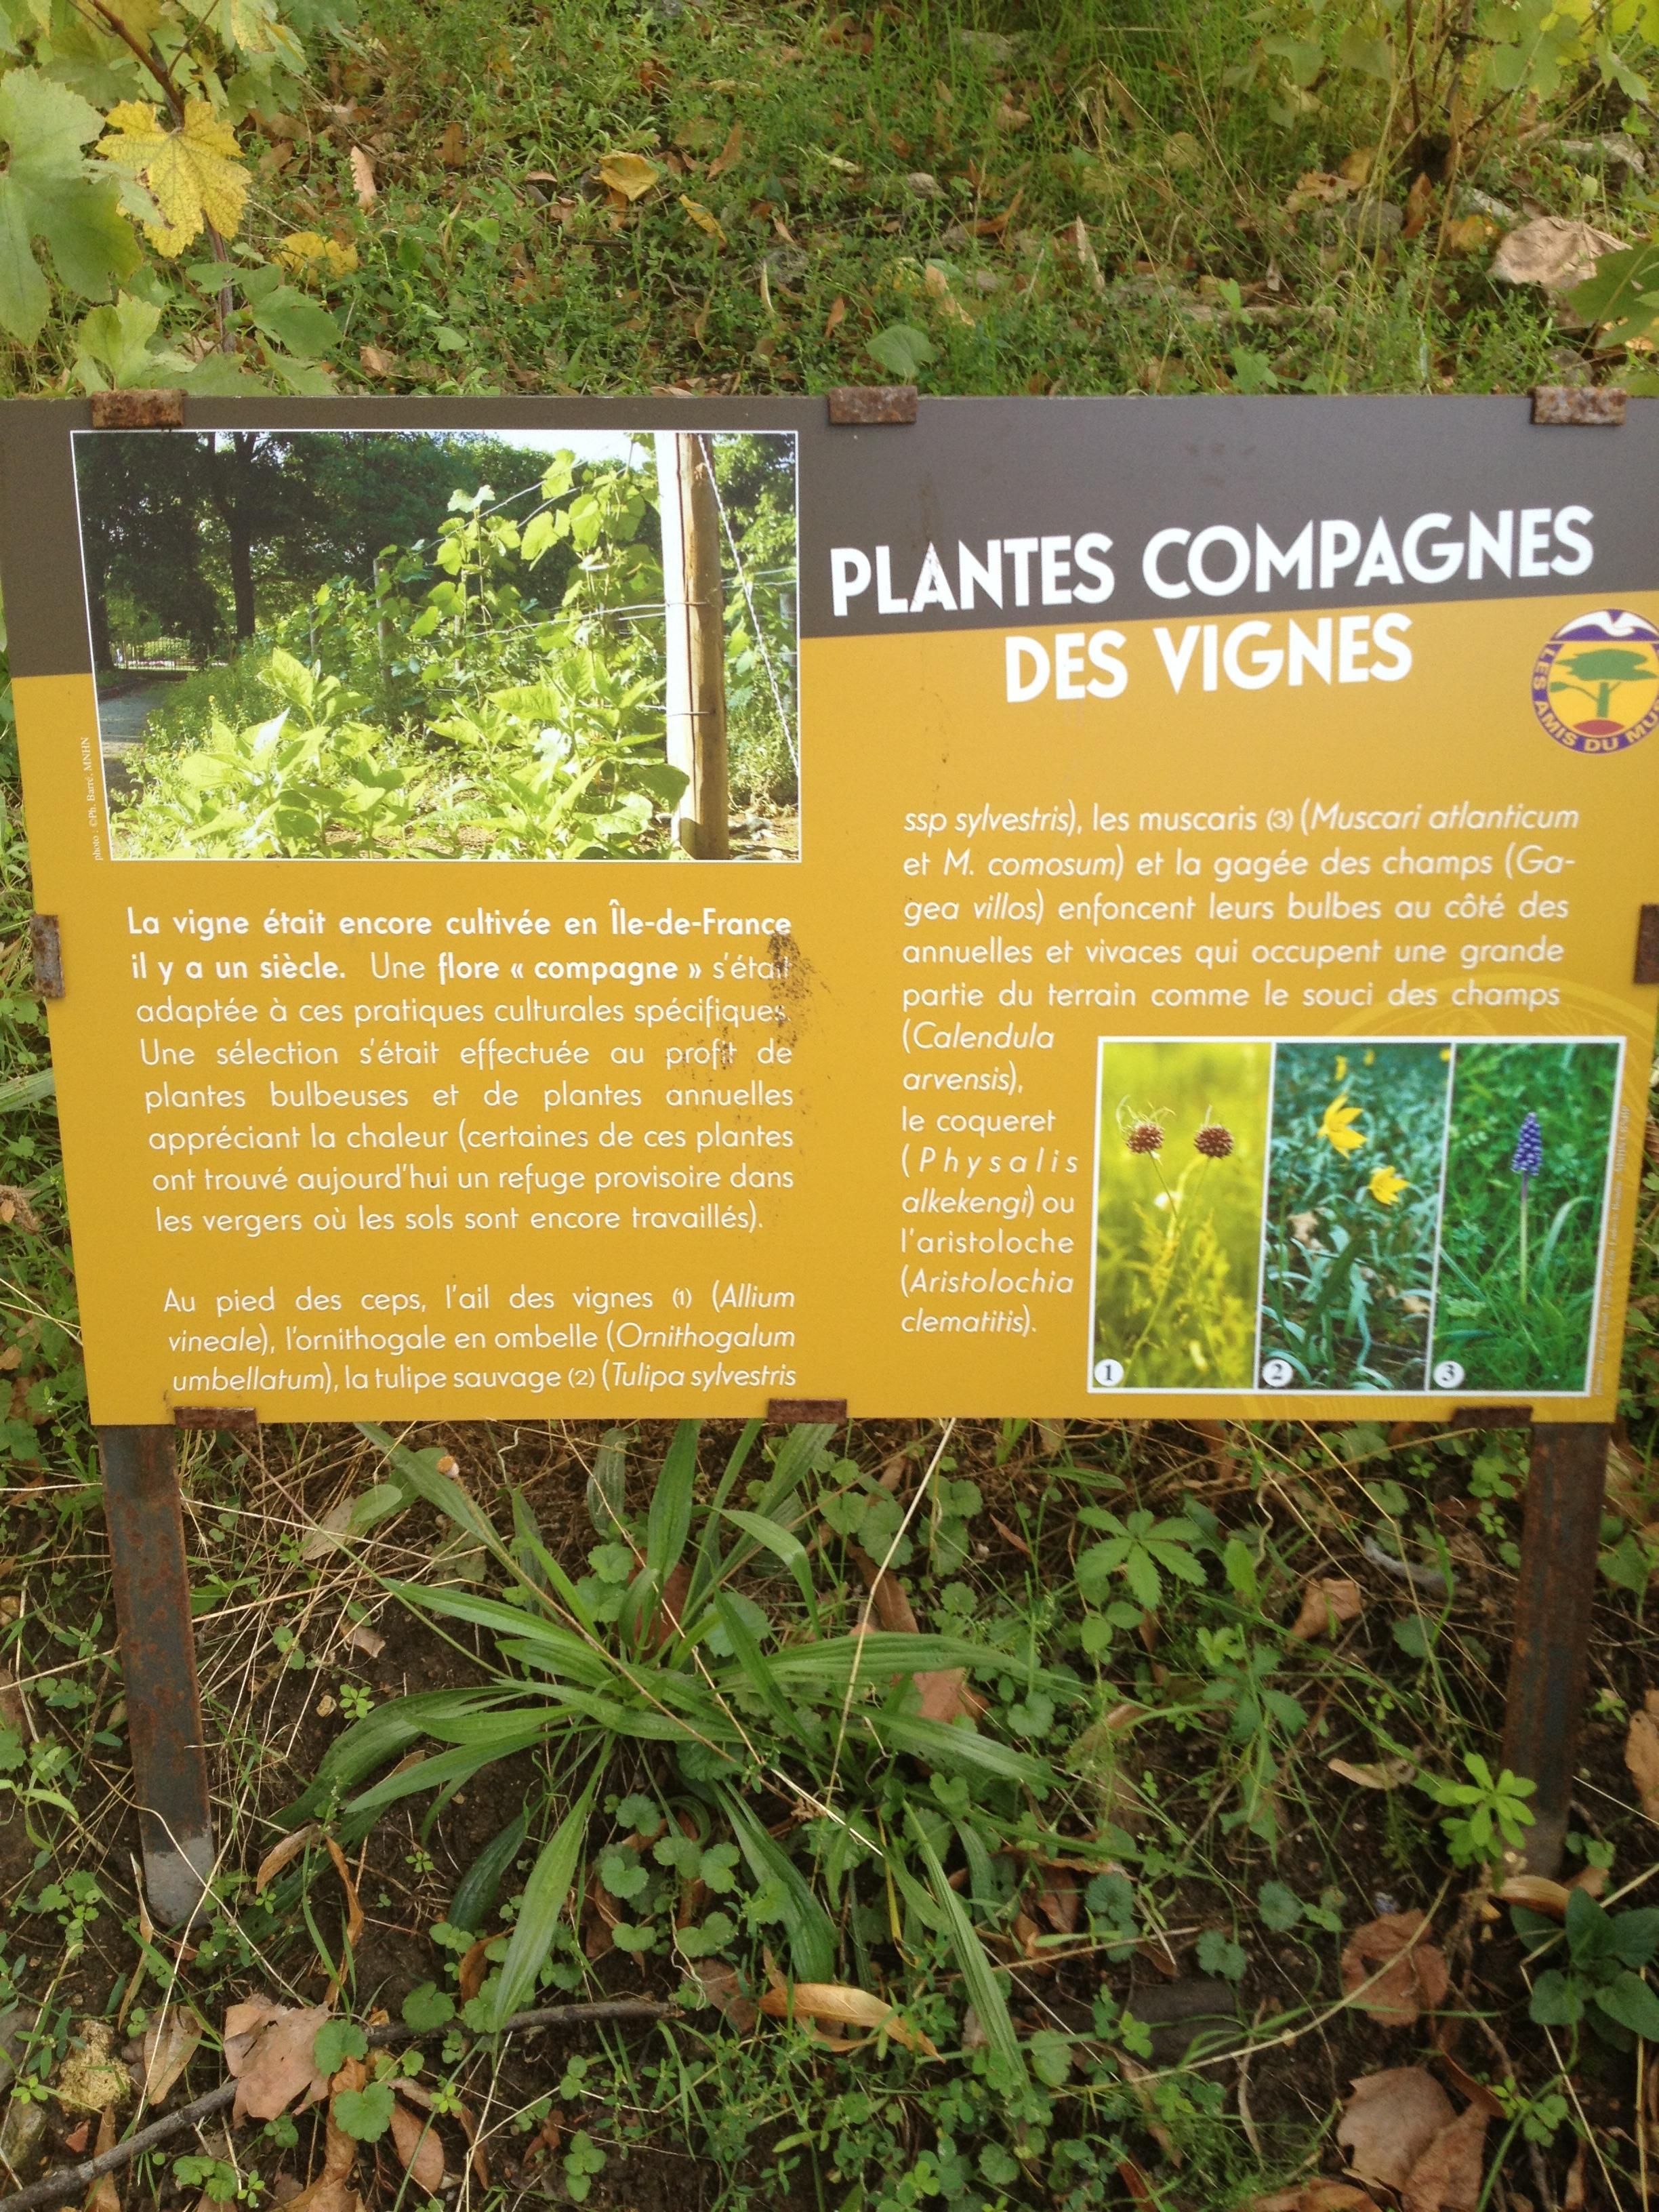 Companion plants for vines